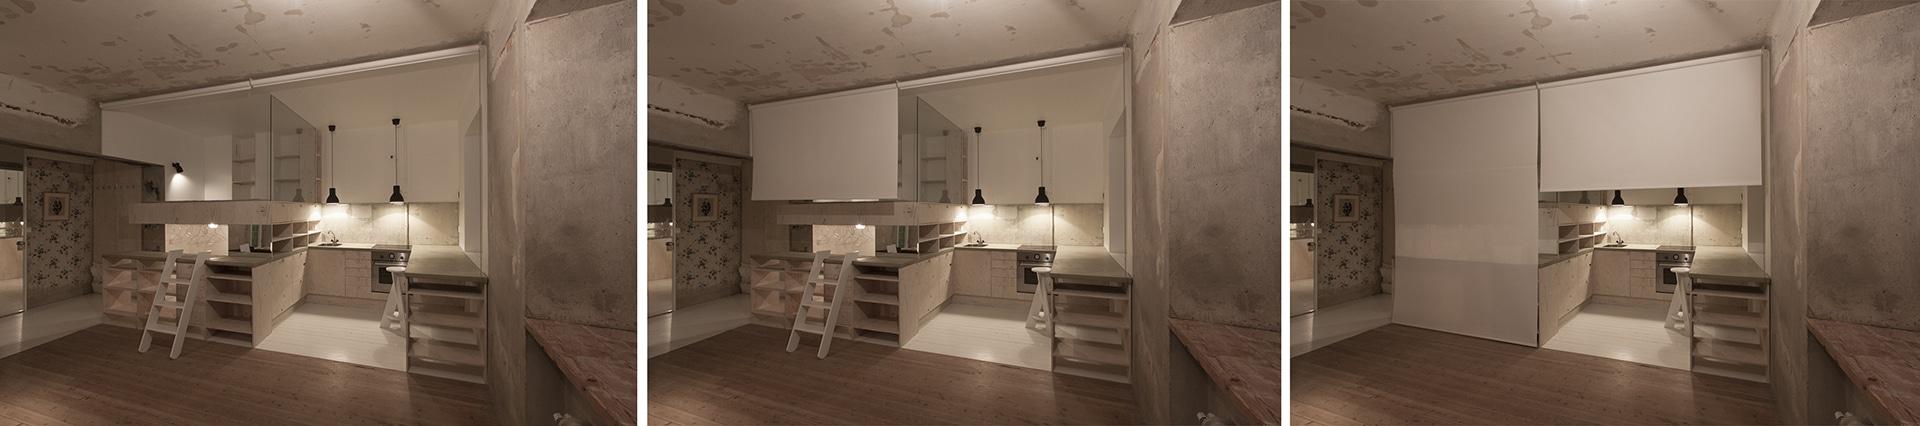 Dise o de planos de apartamento peque o de un dormitorio - Ambientes de dormitorios ...